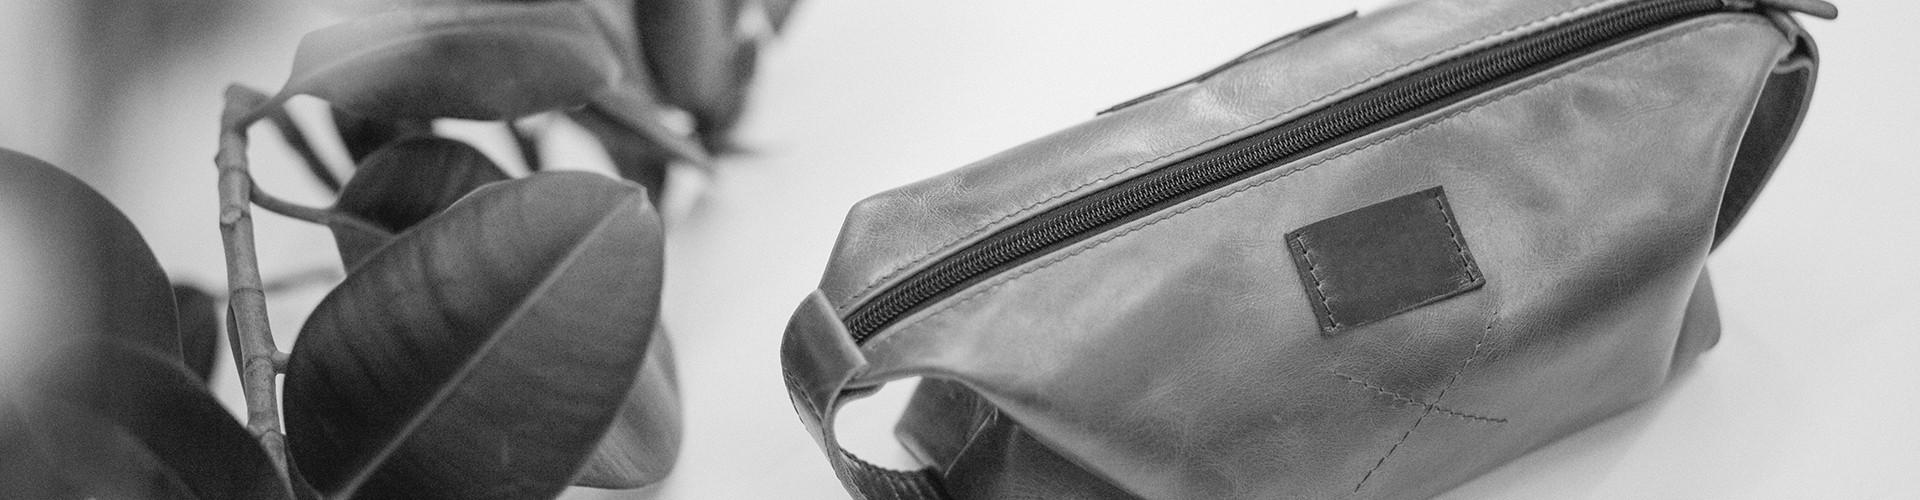 Kits et accessoires de voyage pour hommes